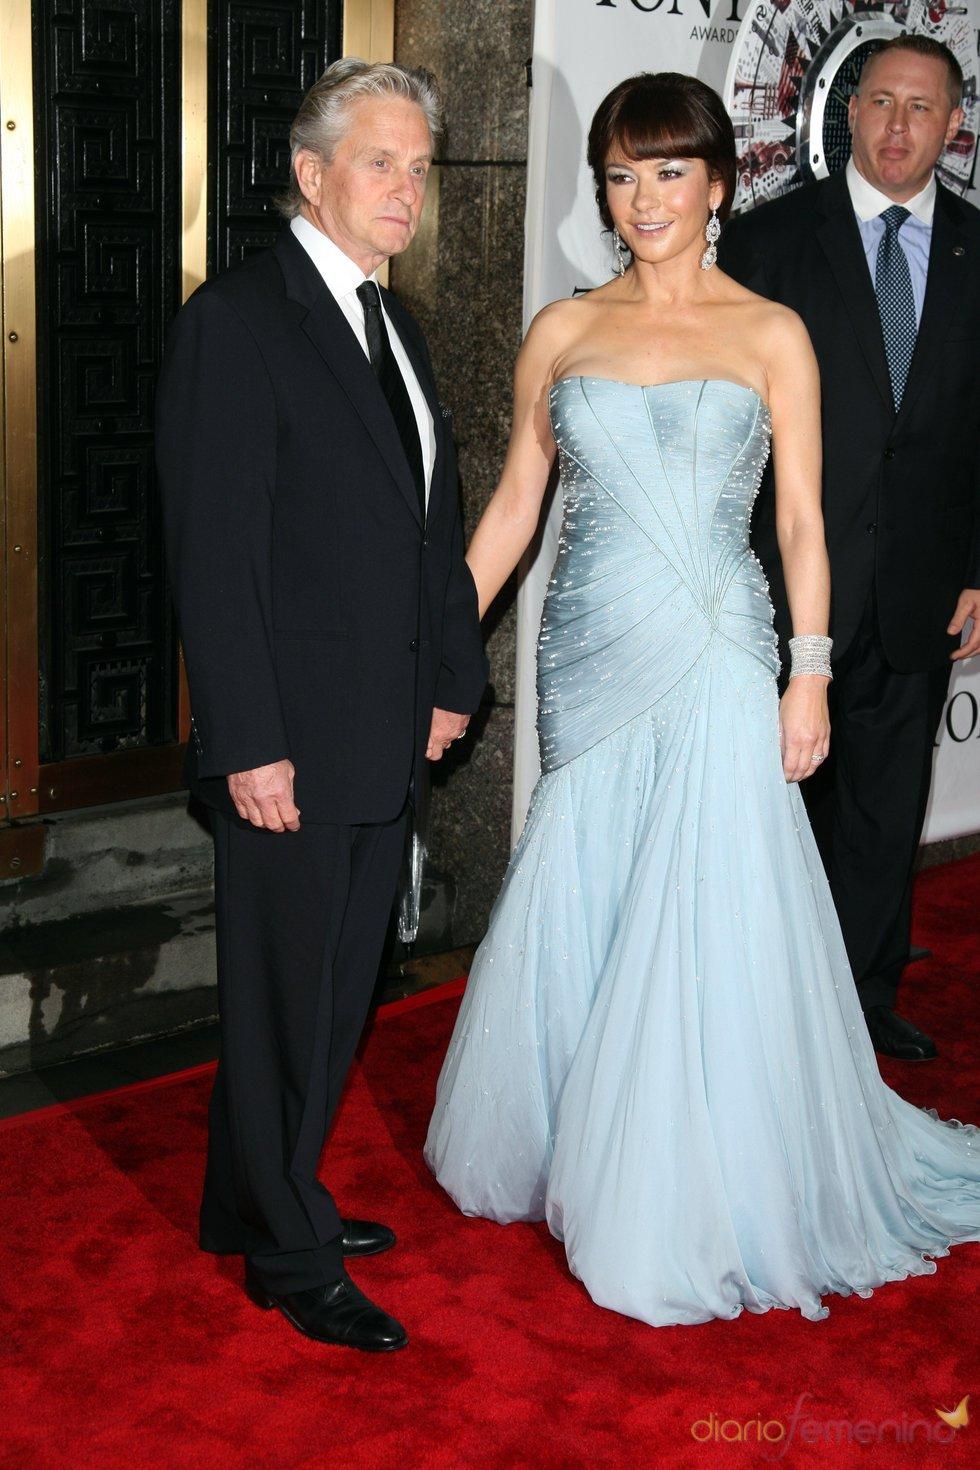 Premios Tony 2010: Michael Douglas y Catherine Zeta-Jones